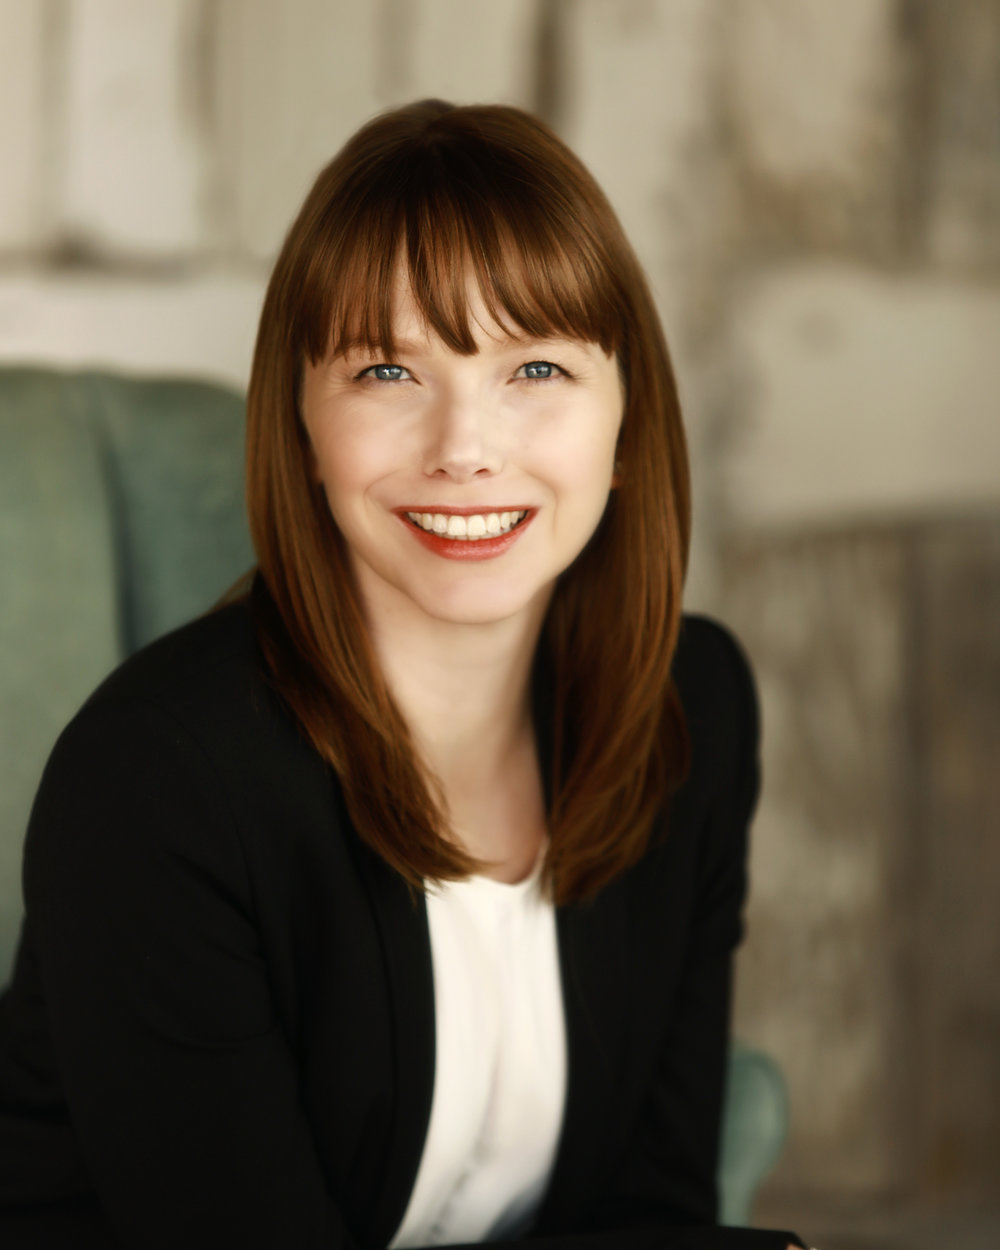 Melissa Wilkes